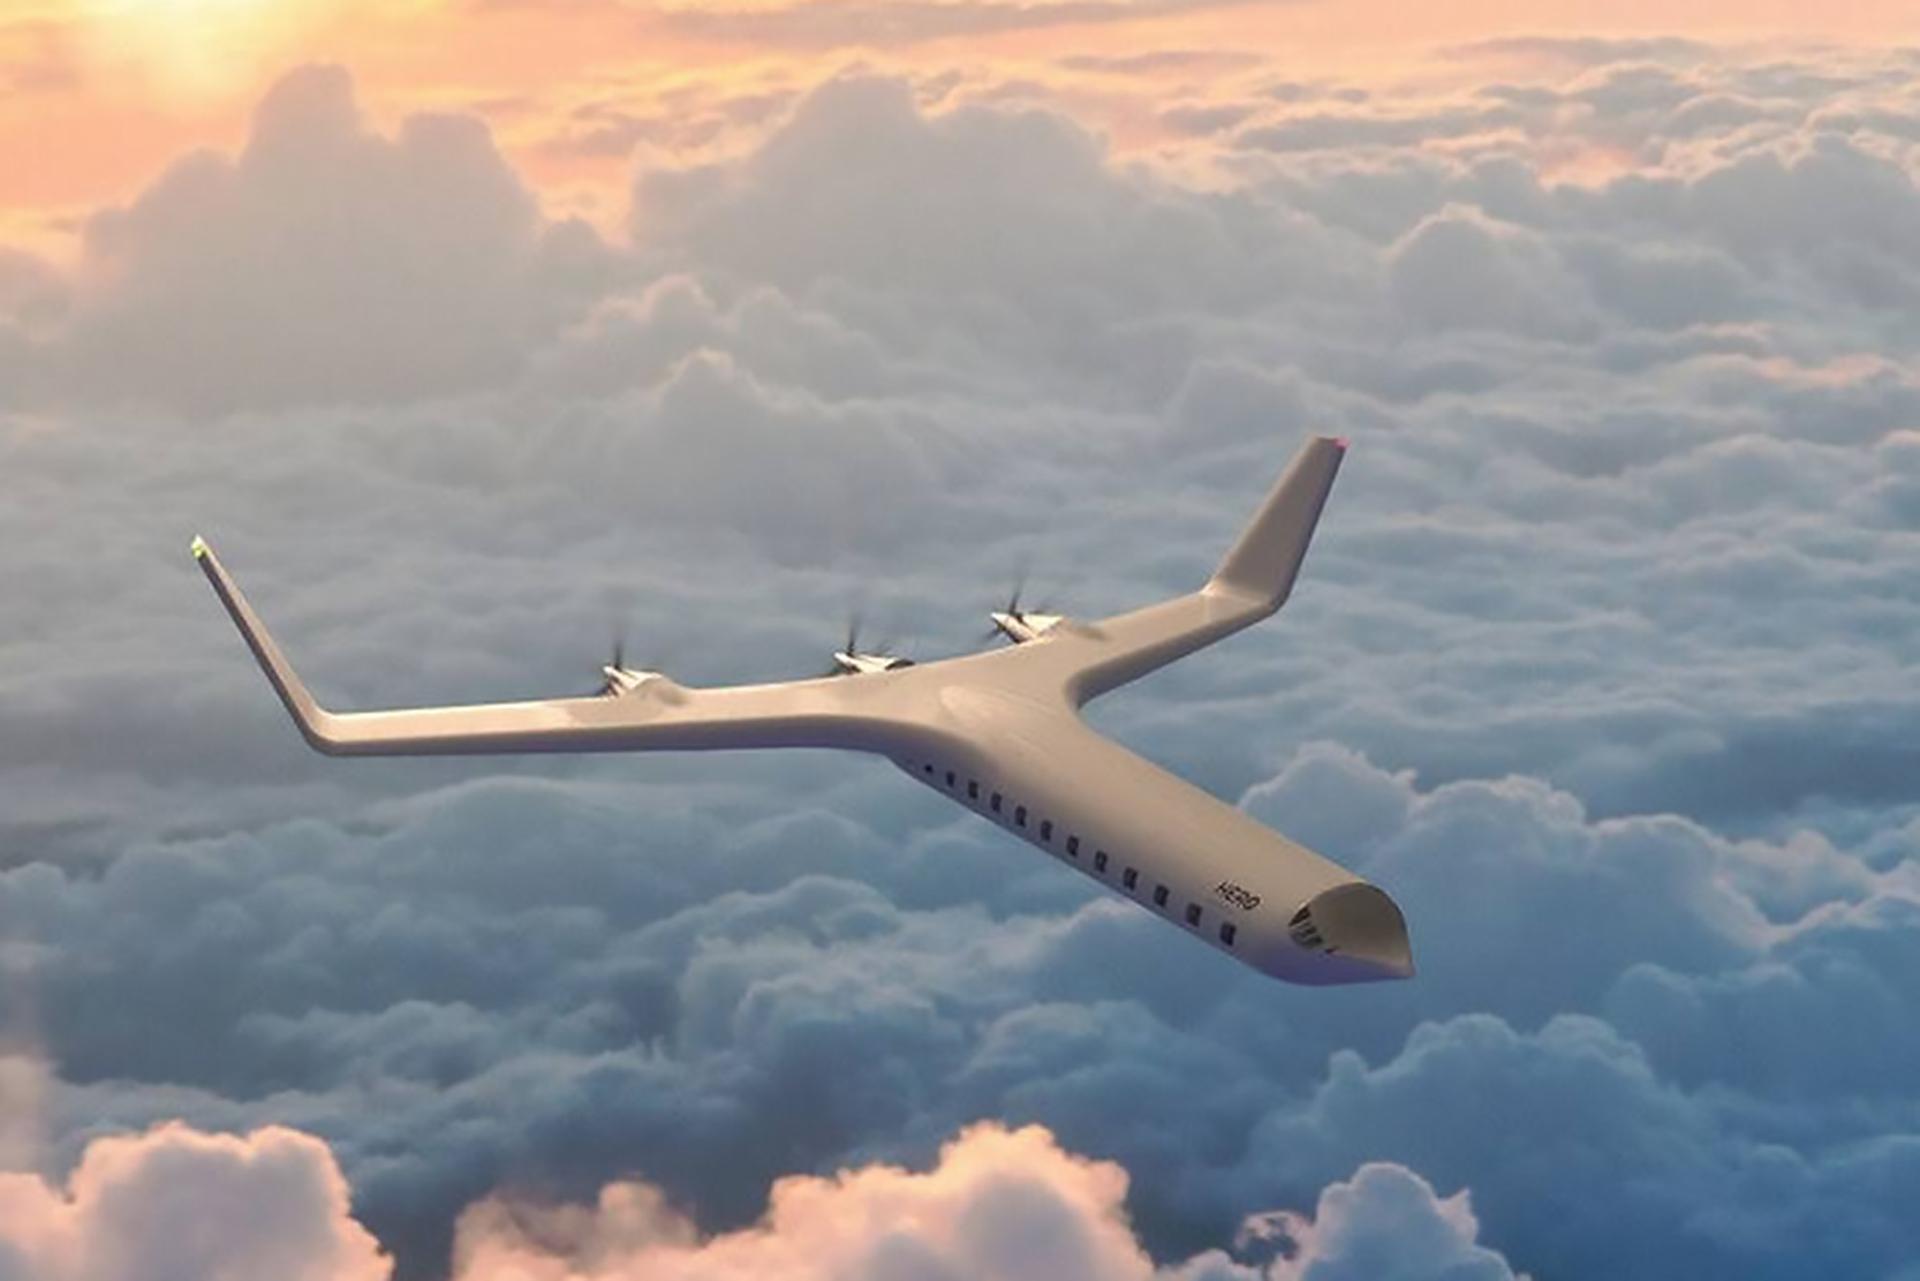 El sorprendente nuevo avión Her0 Zero: ecológico, futurista y elegante